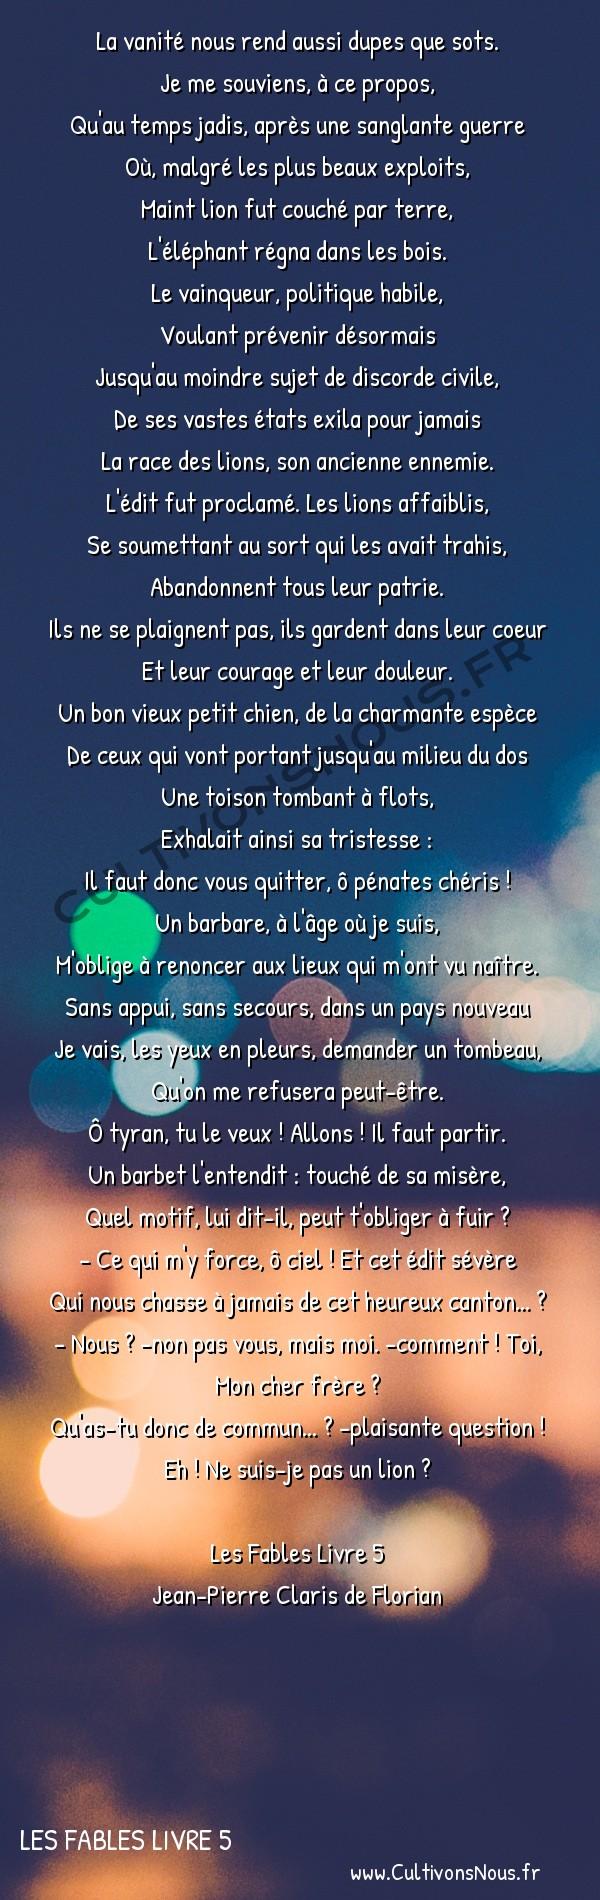 Poésie Jean-Pierre Claris de Florian - Les Fables Livre 5 - Le petit chien -  La vanité nous rend aussi dupes que sots. Je me souviens, à ce propos,